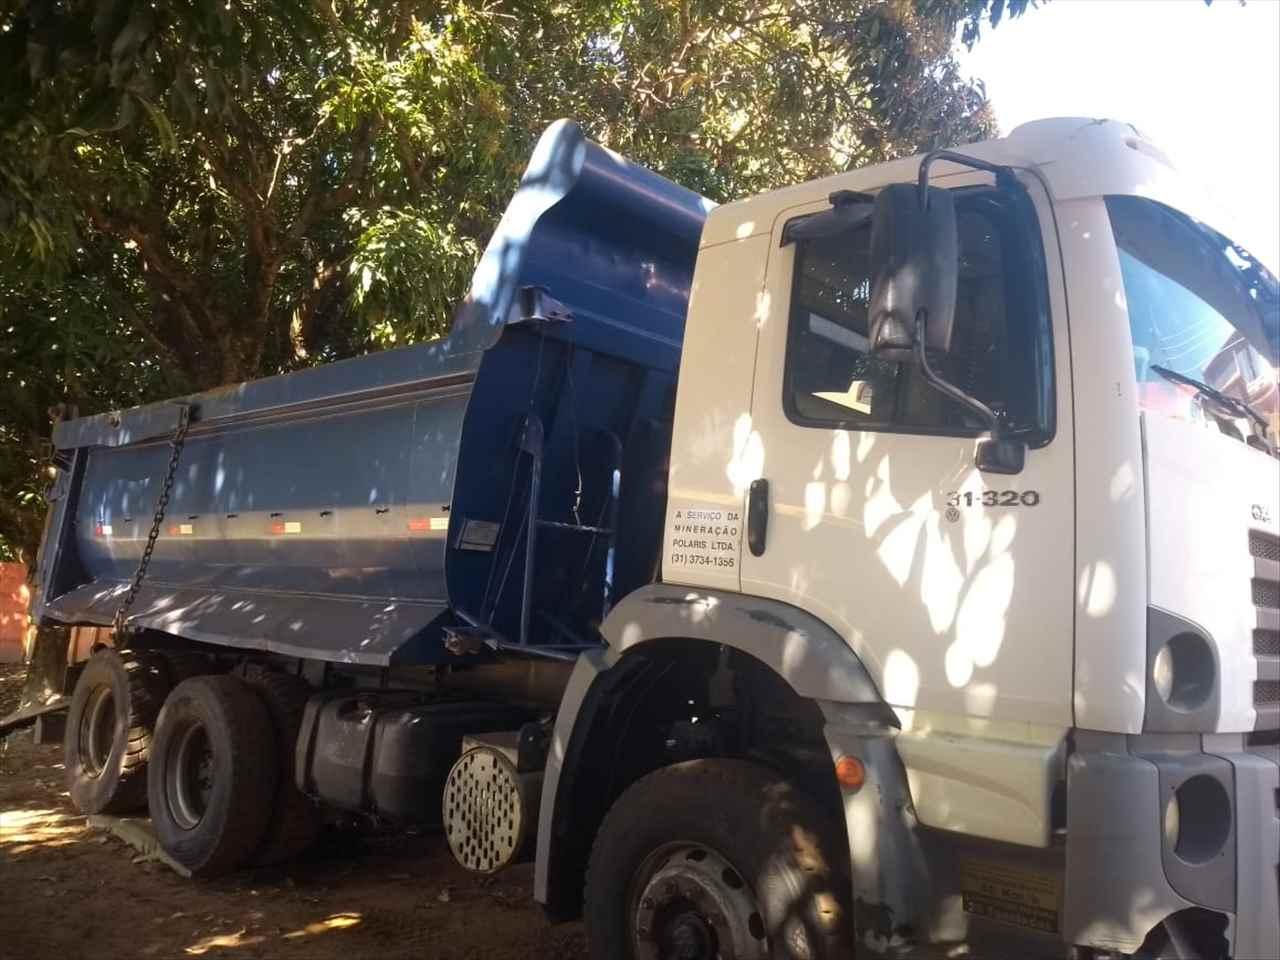 CAMINHAO VOLKSWAGEN VW 31320 Caçamba Basculante Traçado 6x4 Caminhões Certos CONTAGEM MINAS GERAIS MG